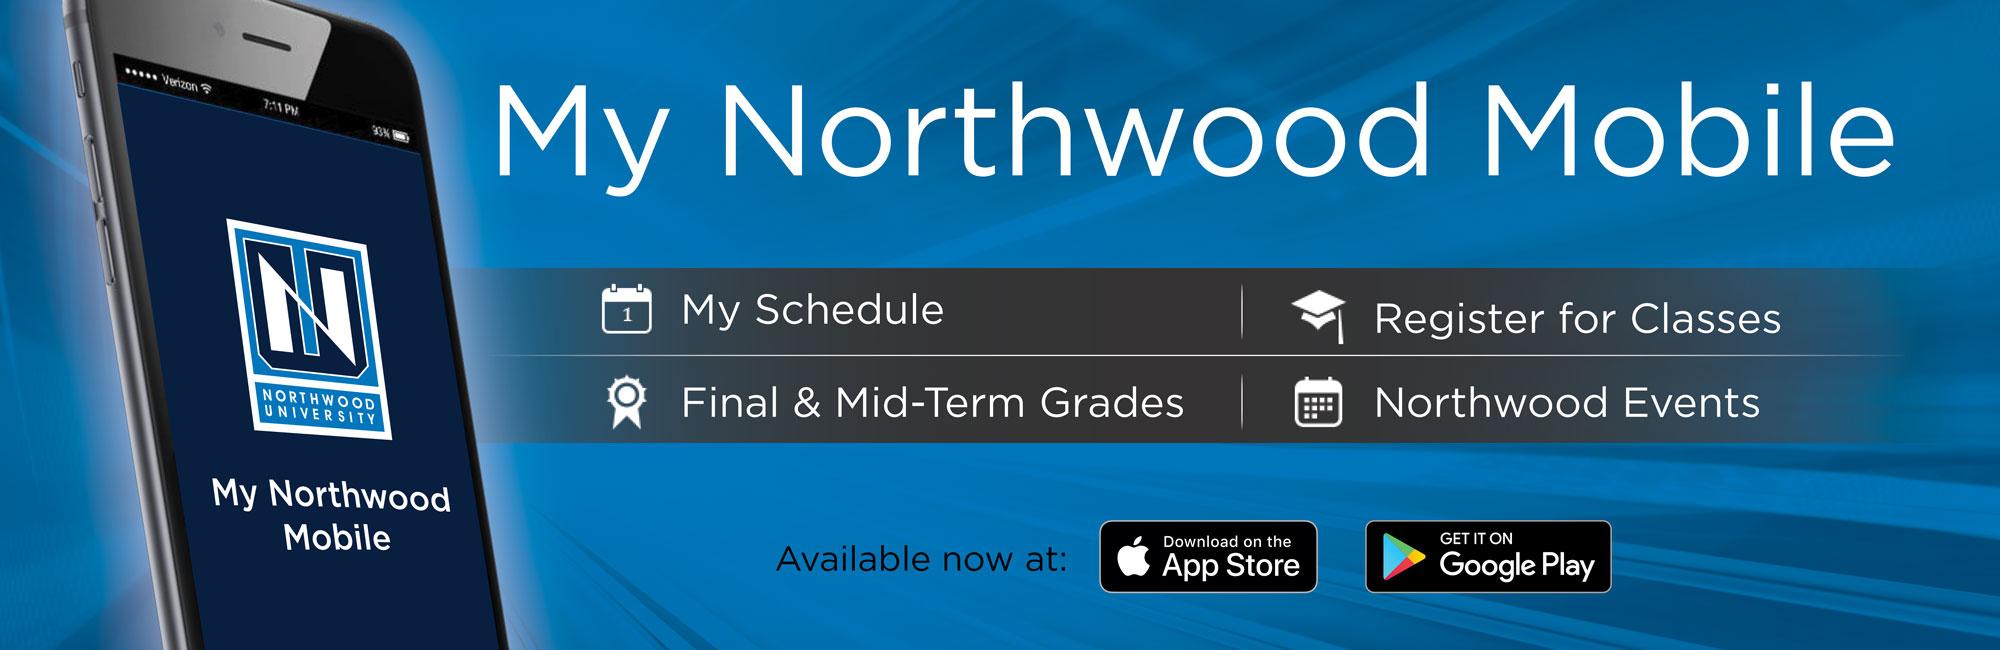 My Northwood Mobile